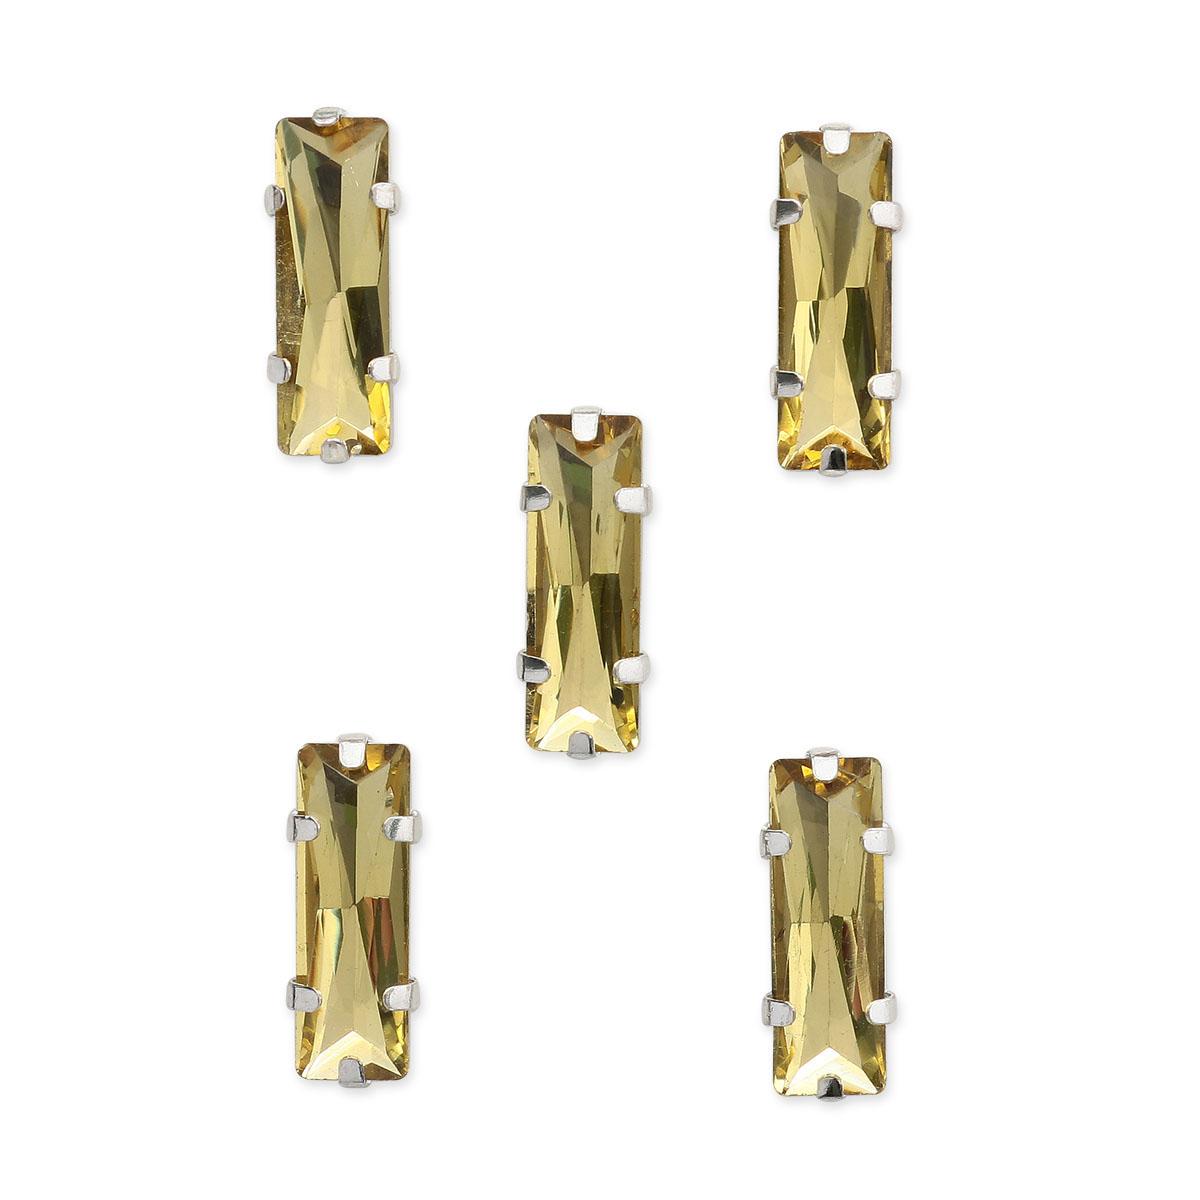 ДЦ002НН515 Хрустальные стразы в металлических цапах (серебро) Желтый 5х15 мм 5 шт/упак